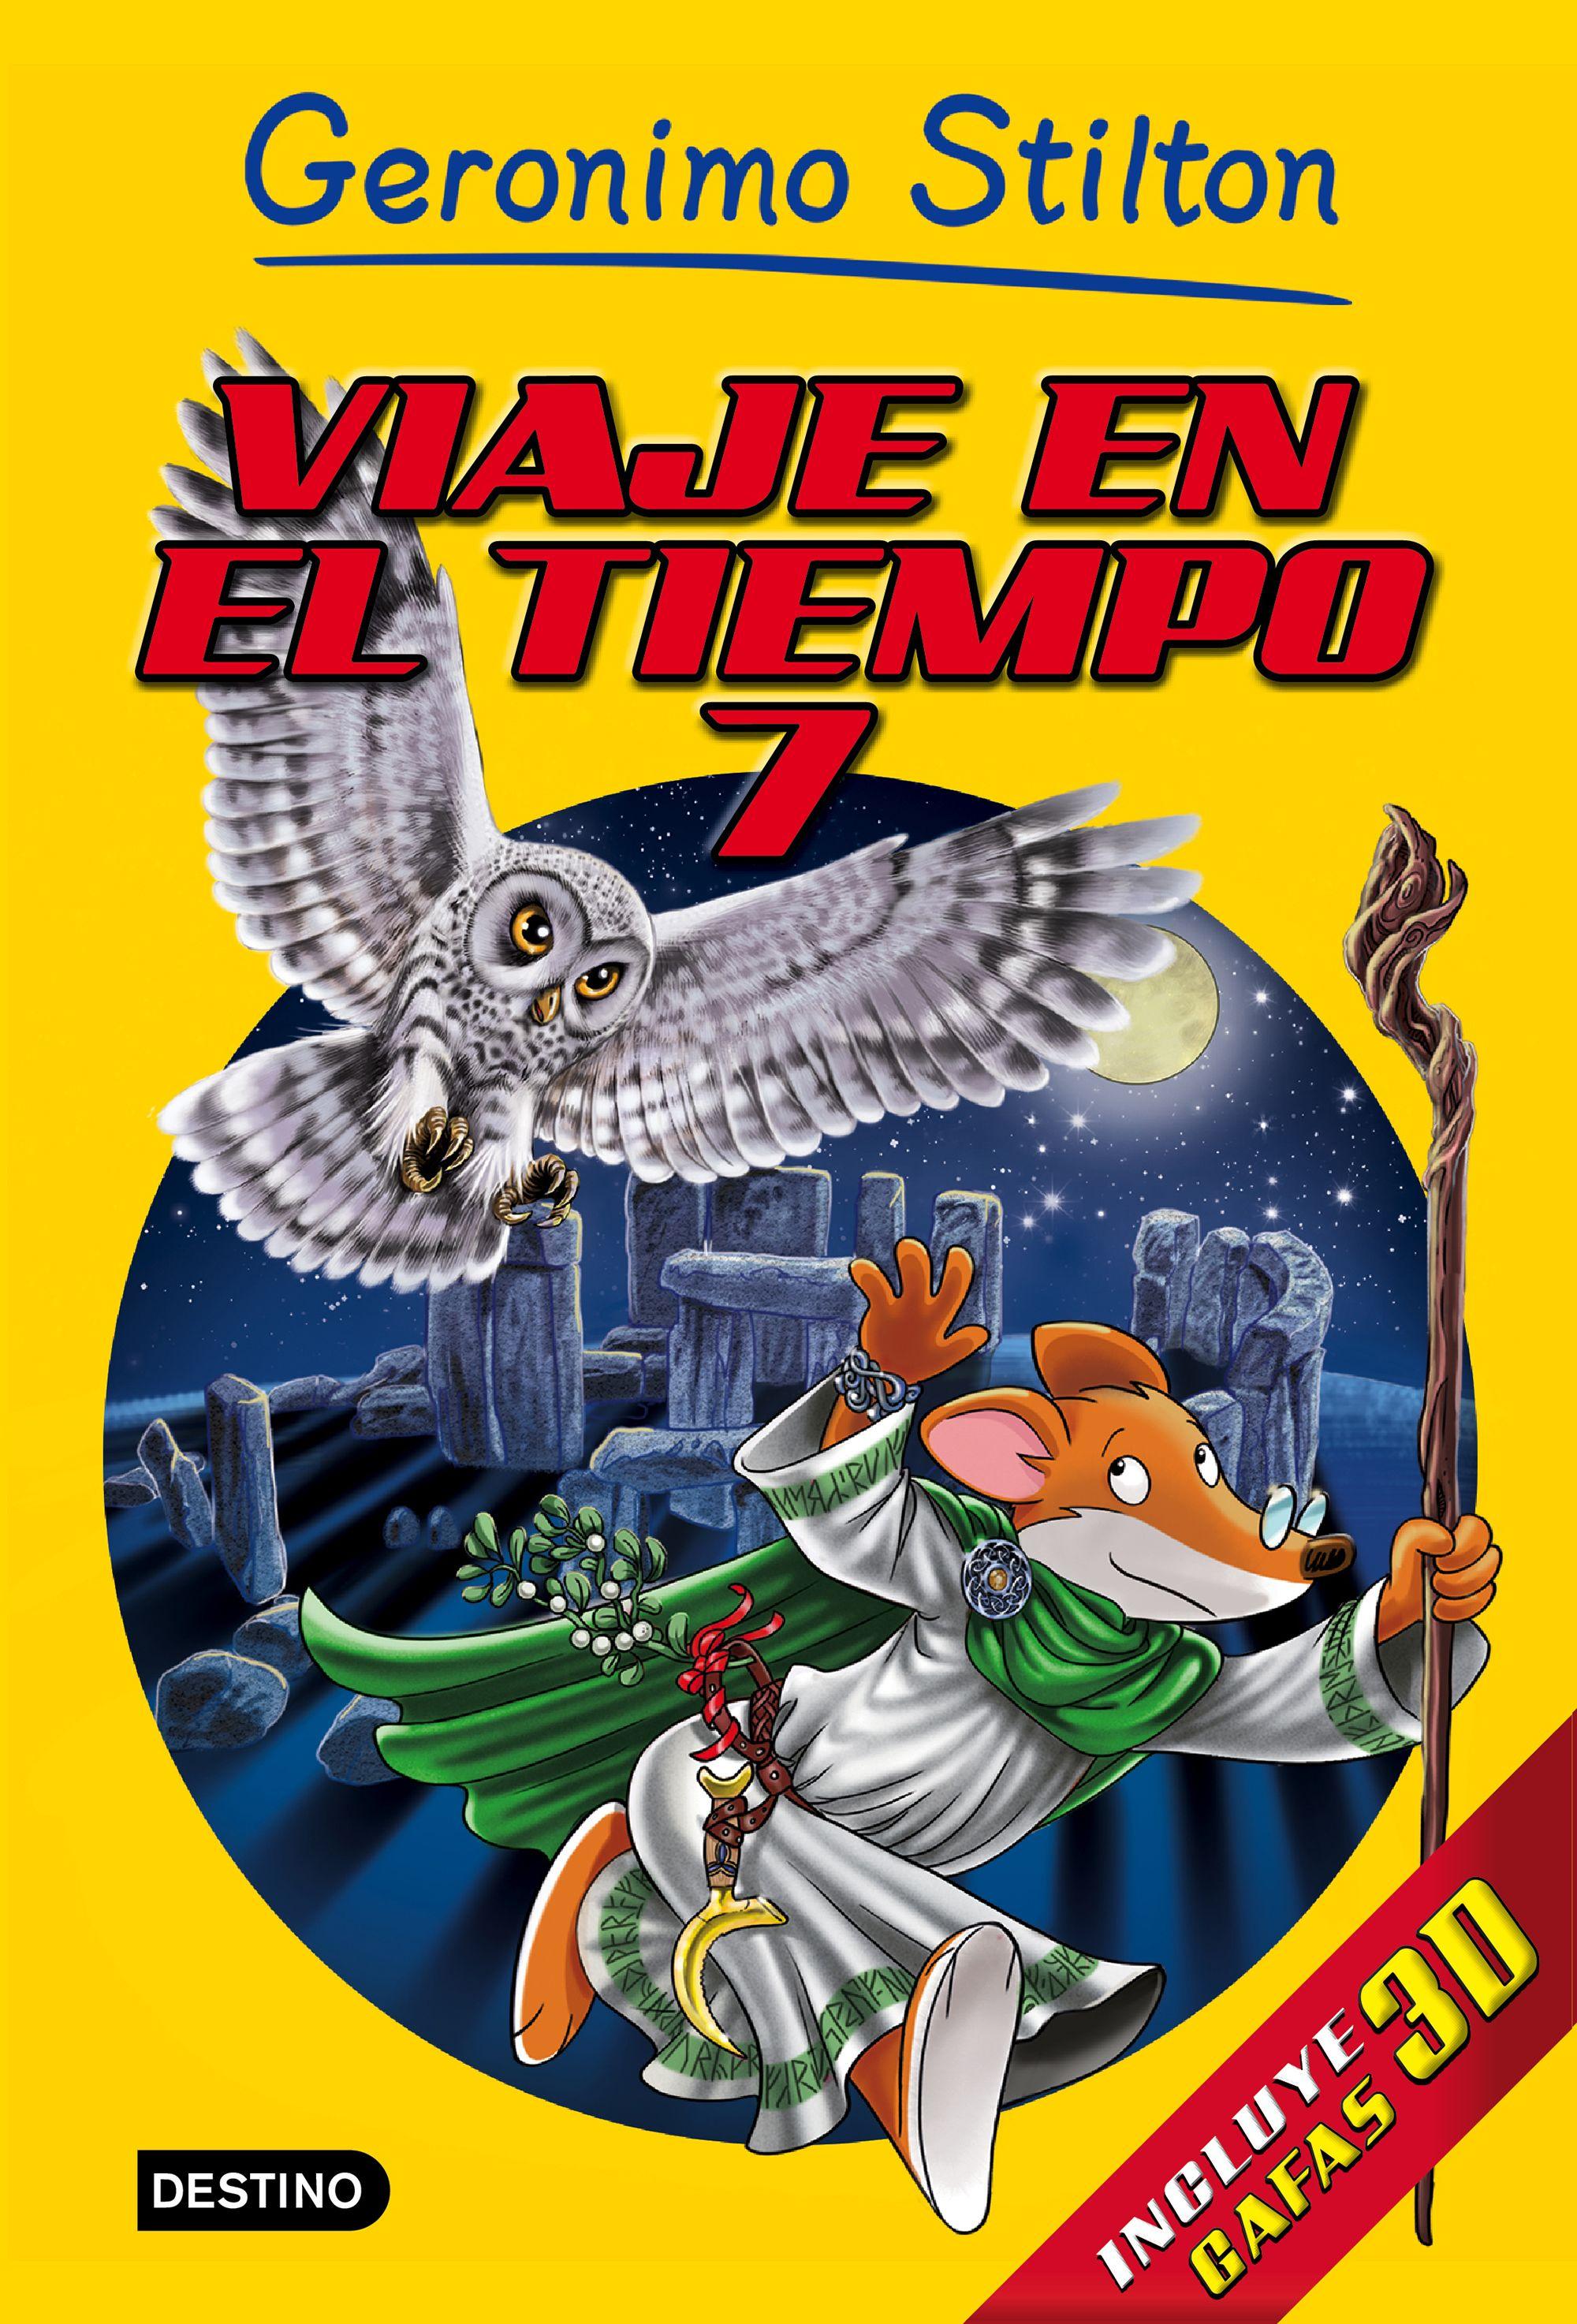 Libros especiales Geronimo Stilton. Viaje en el Tiempo 7